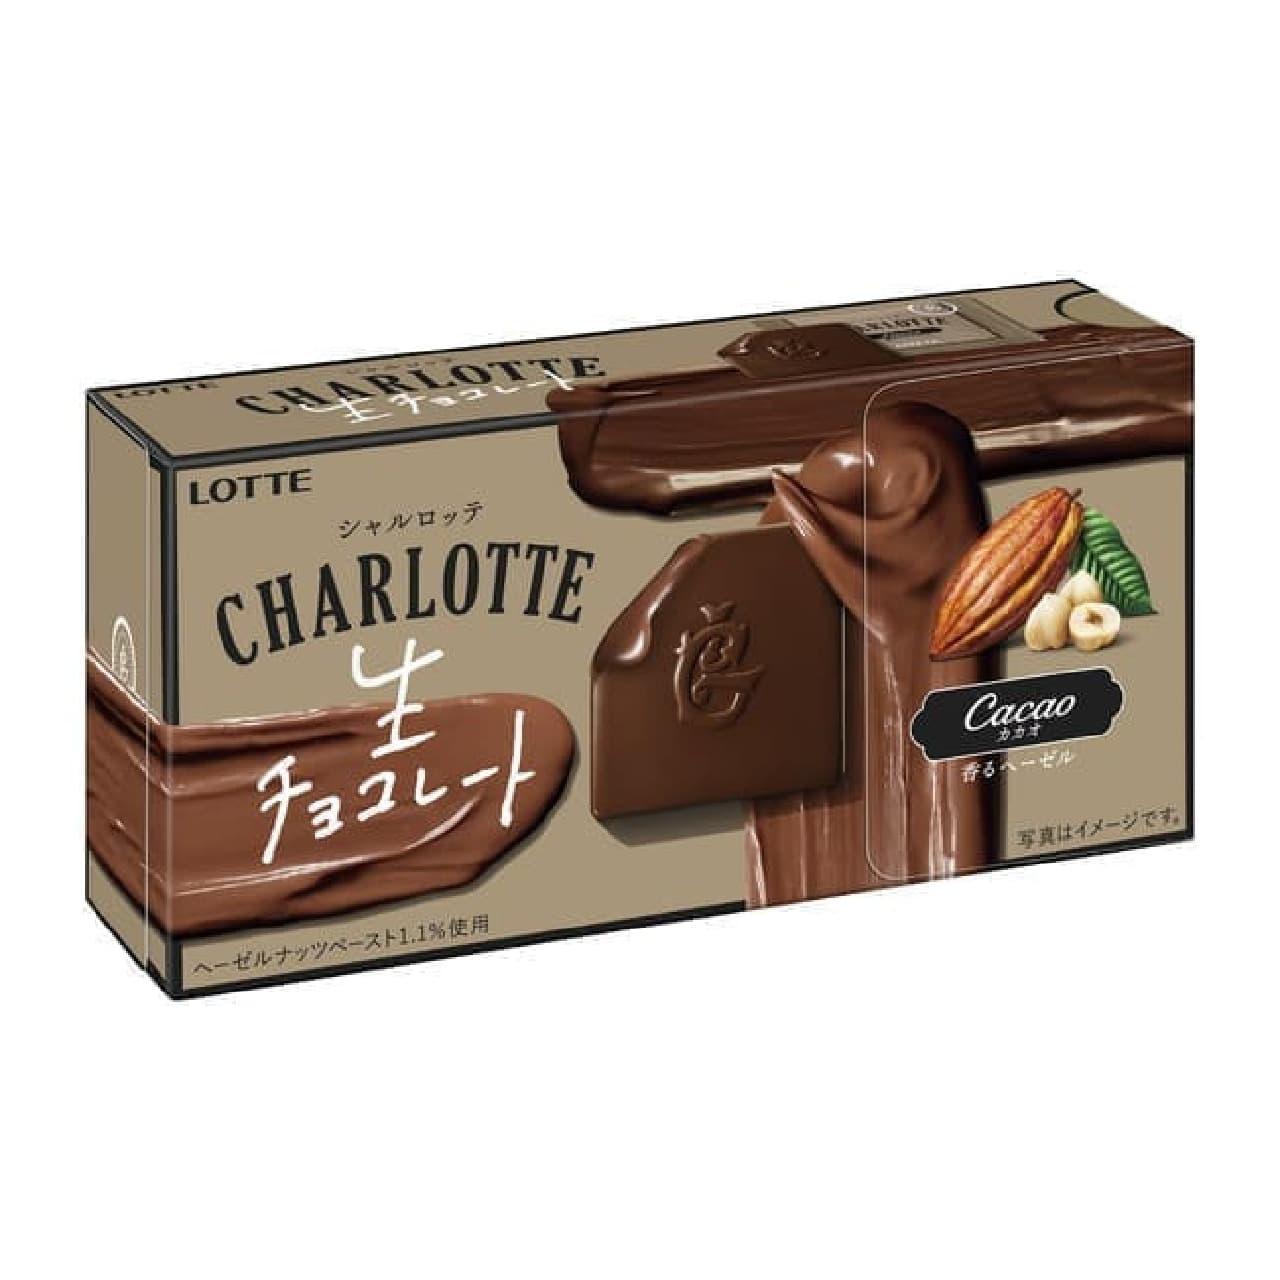 シャルロッテ 生チョコレート<カカオ>シャルロッテ 生チョコレート<キャラメル>